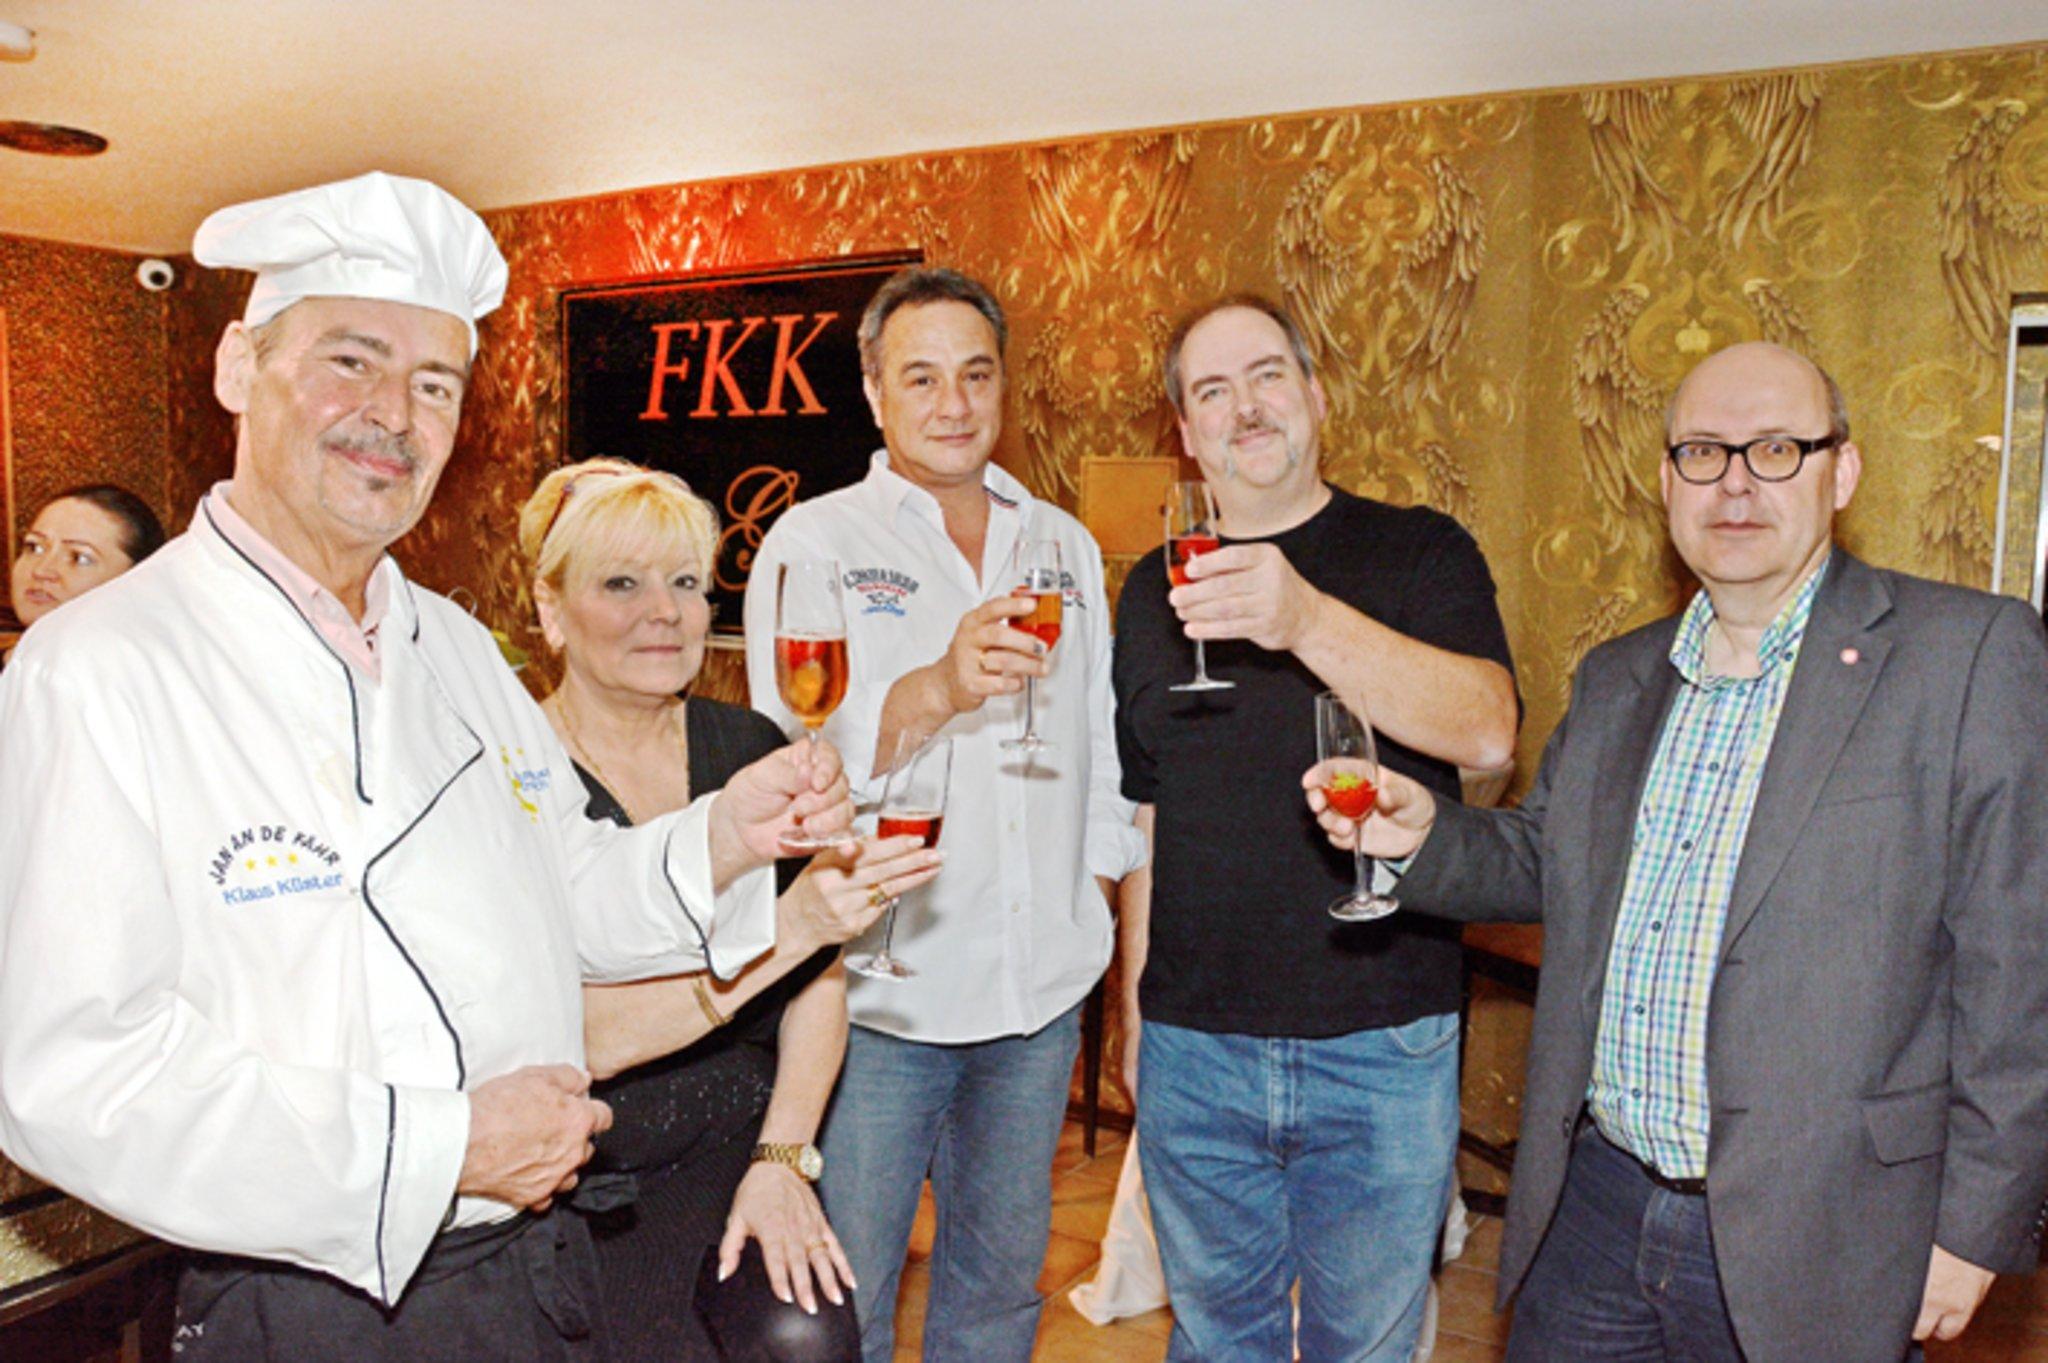 Fkk club goch